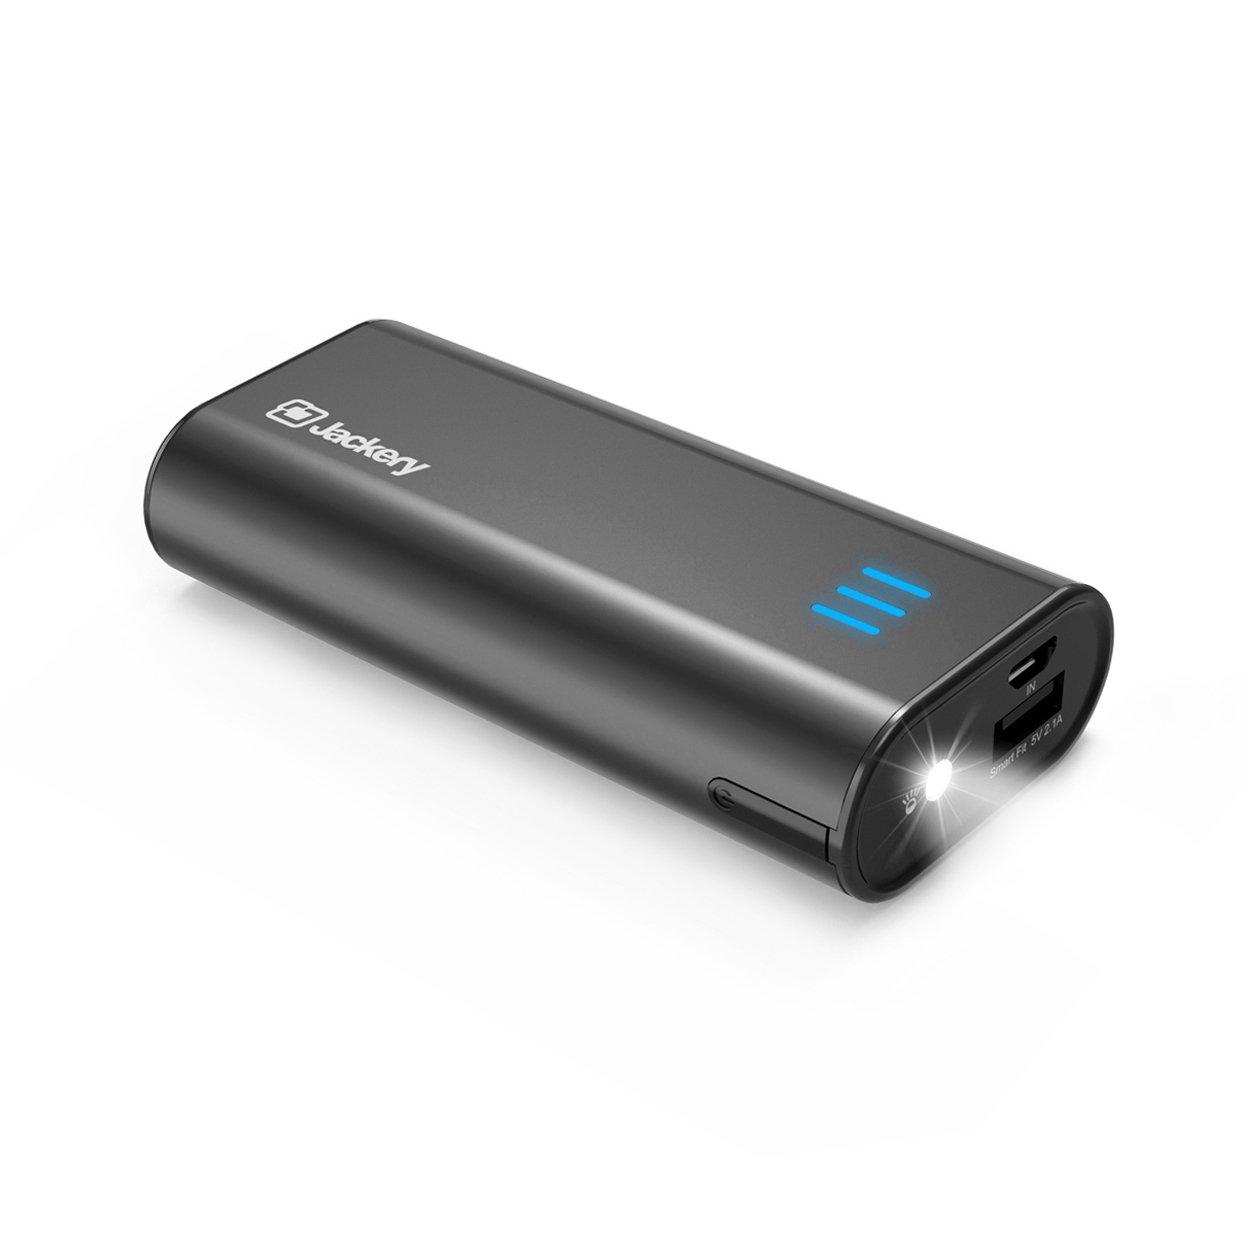 Bateria portatil de 6000 mAh super compacta (xmp)